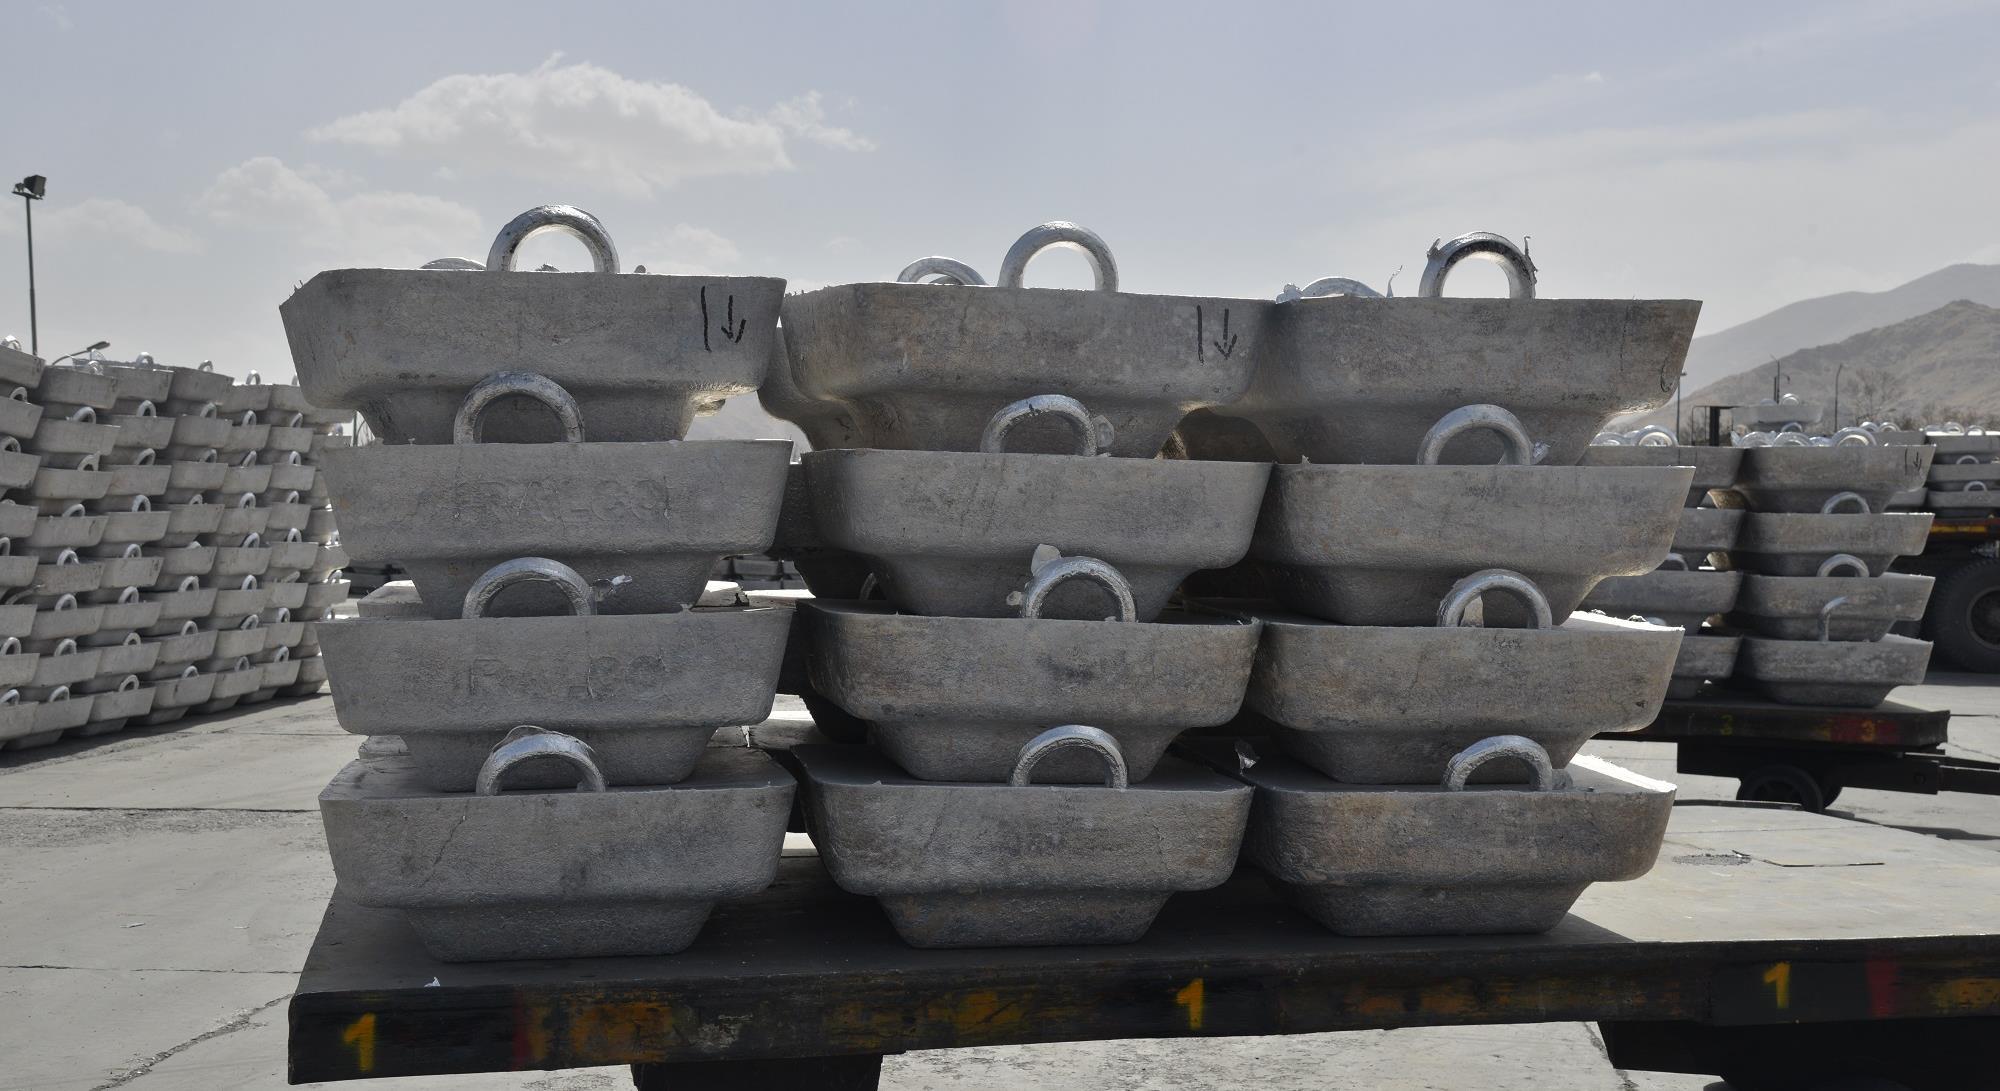 آلومینیوم با کمبود مواد اولیه روبهرو است